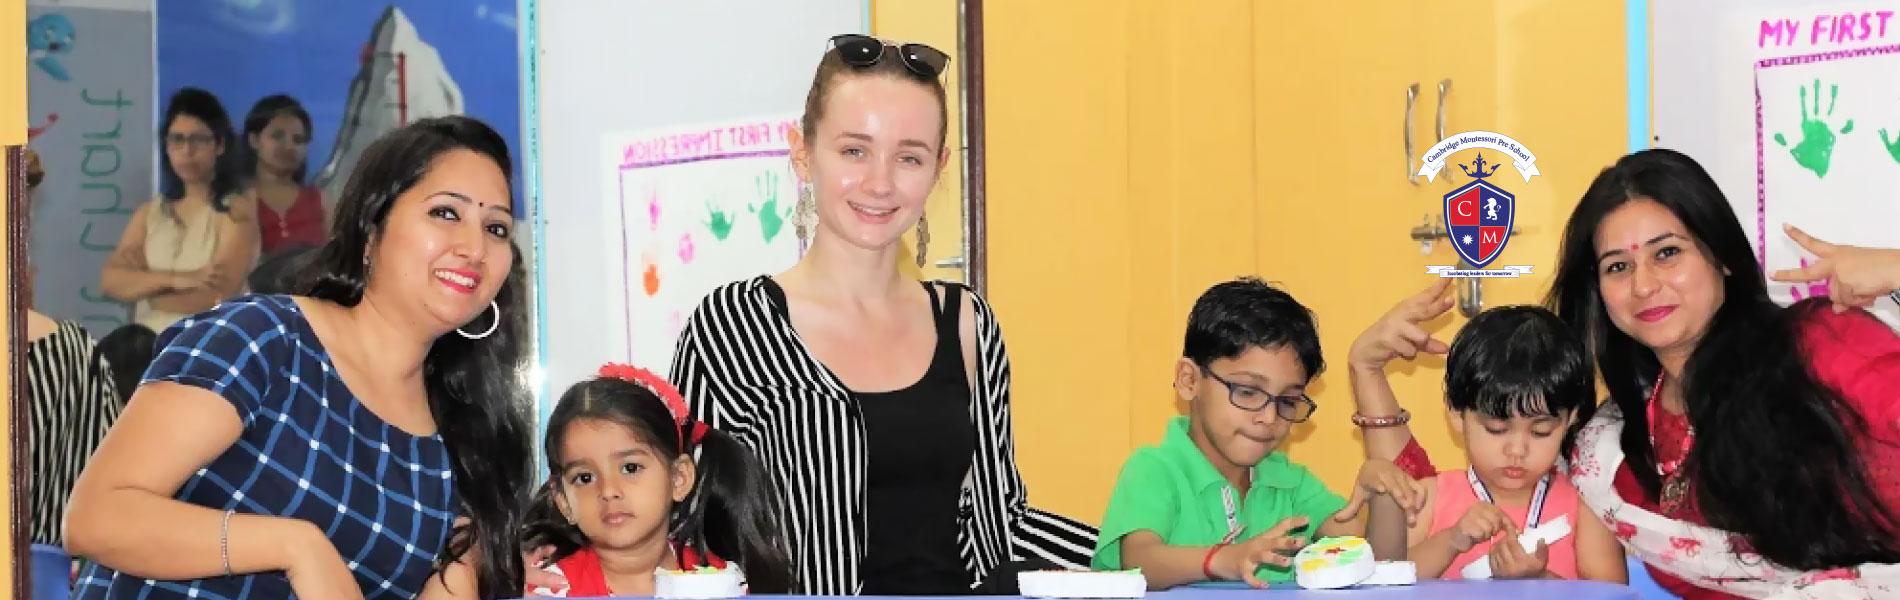 Cambridge Montessori Preschool and Daycare